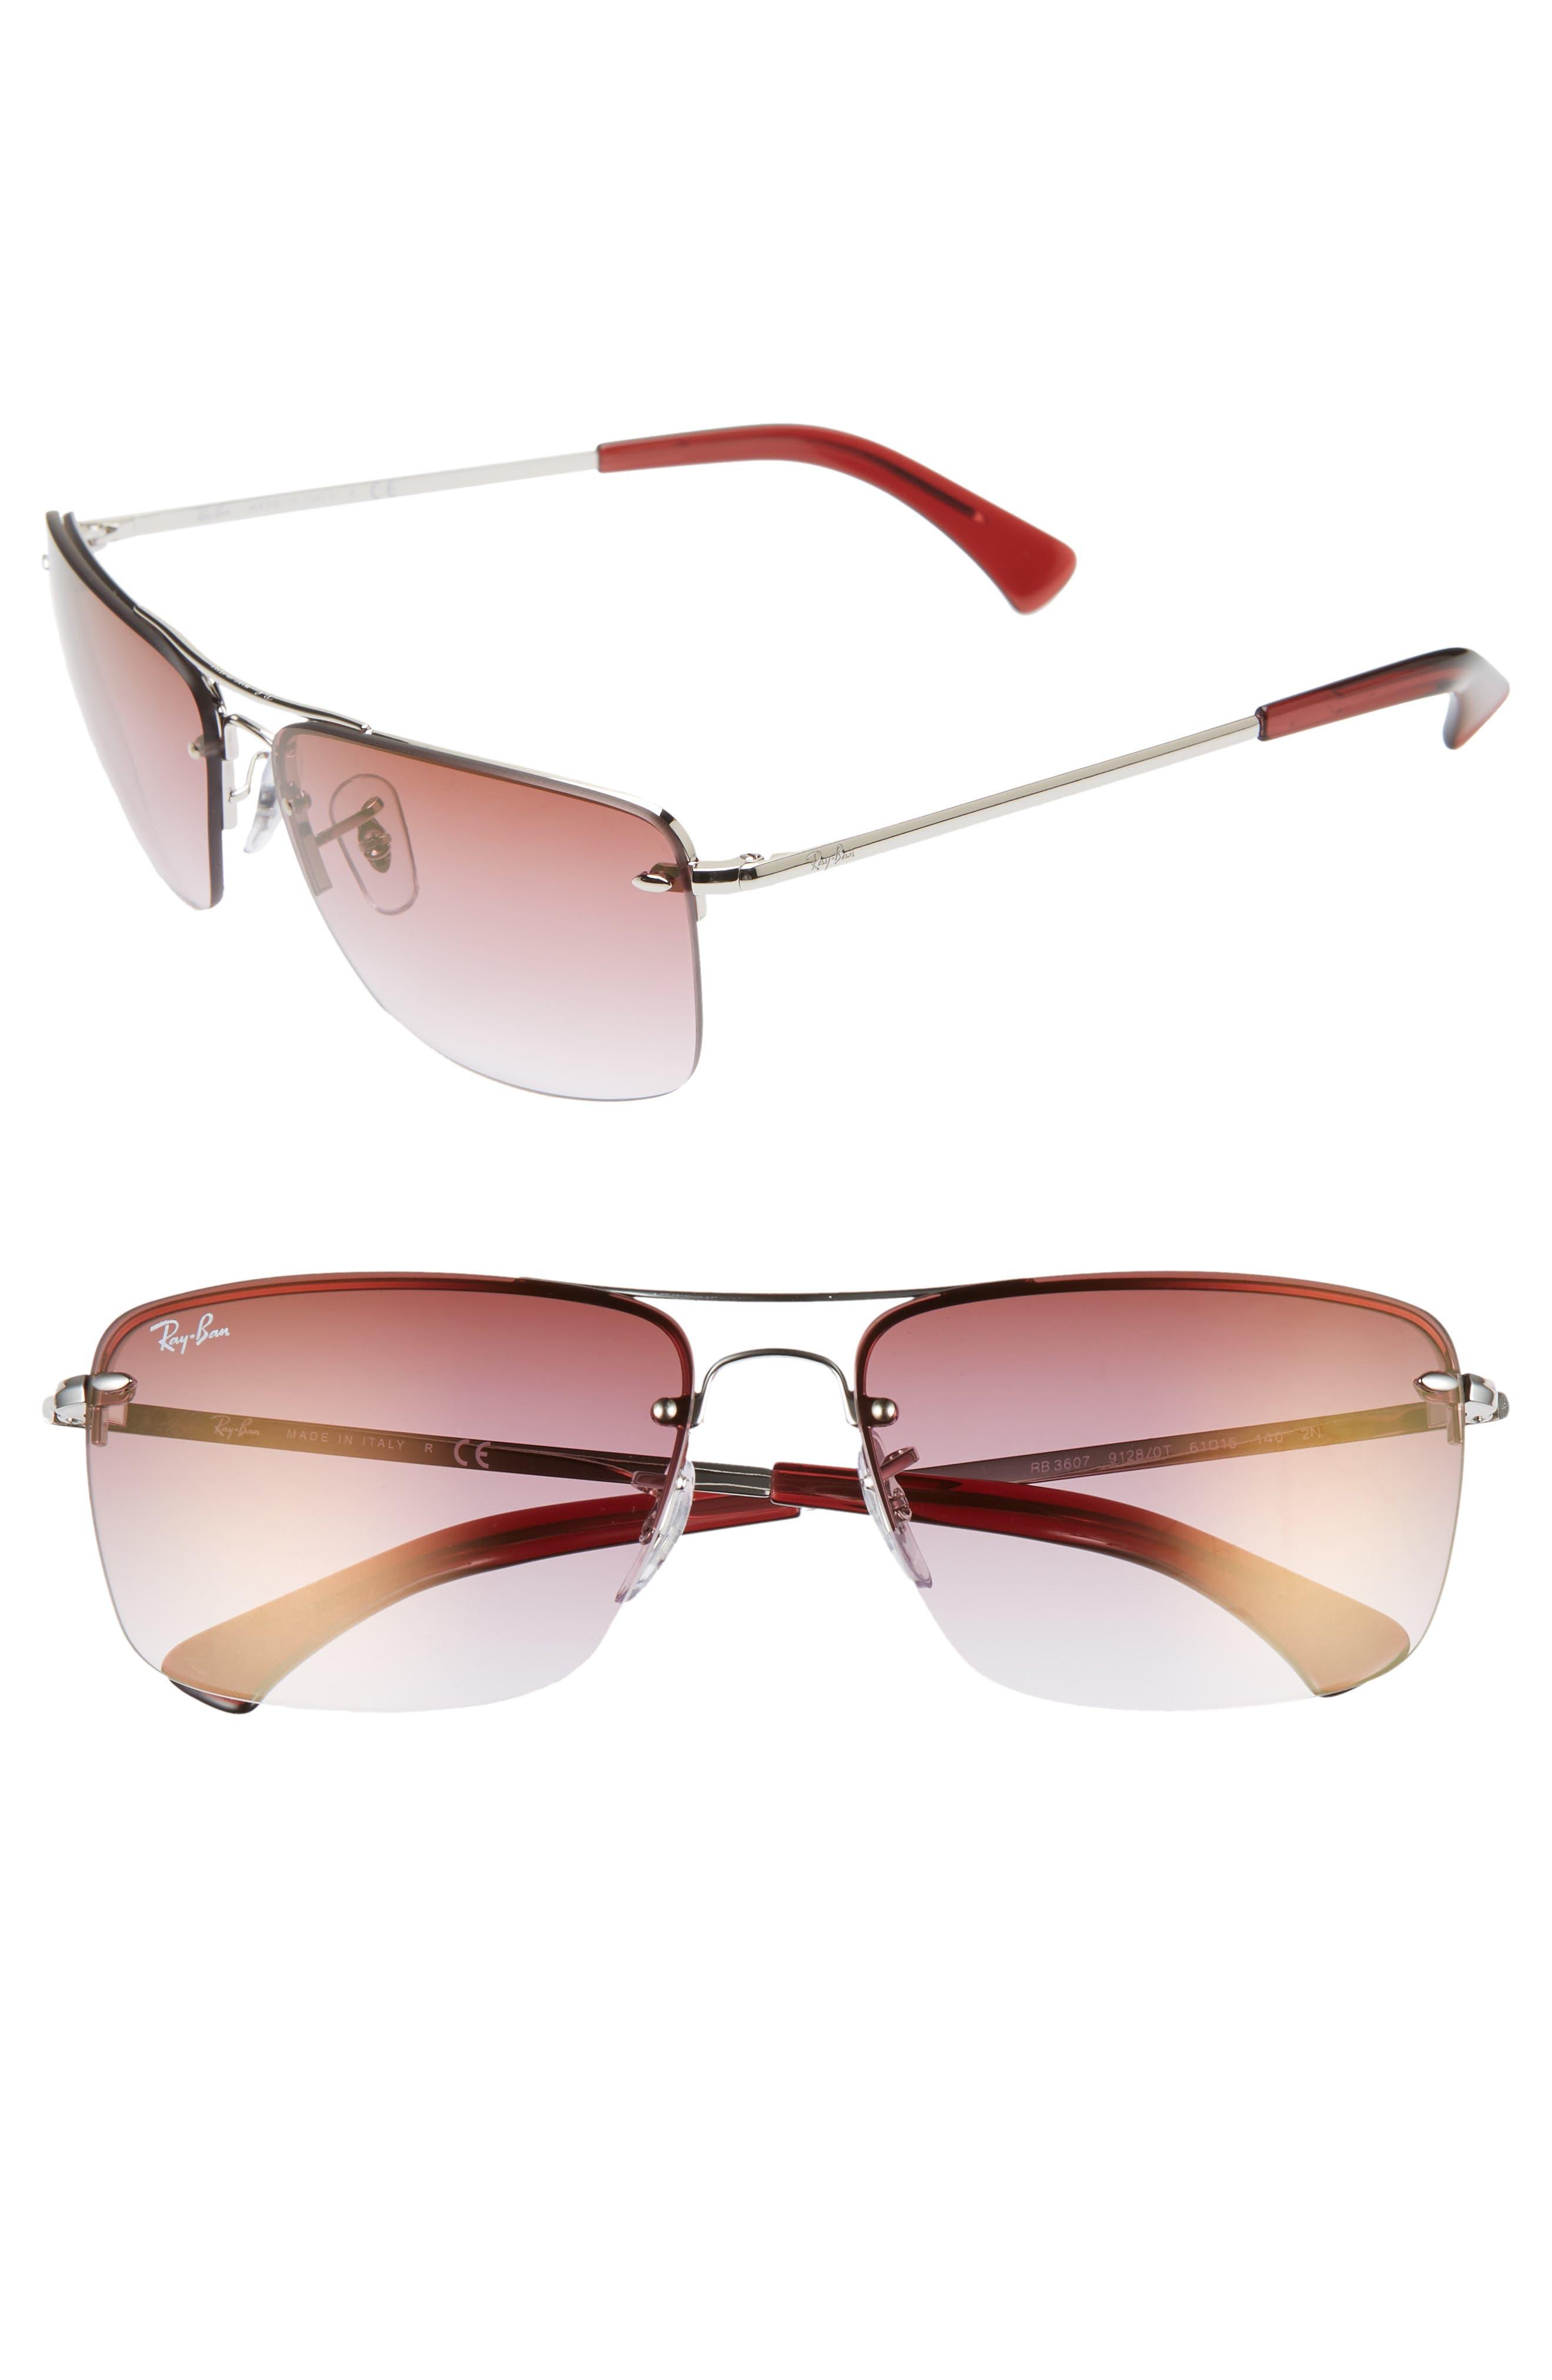 61mm Rimless Navigator Sunglasses,                         Main,                         color, SILVER/ BORDEAUX GRADIENT